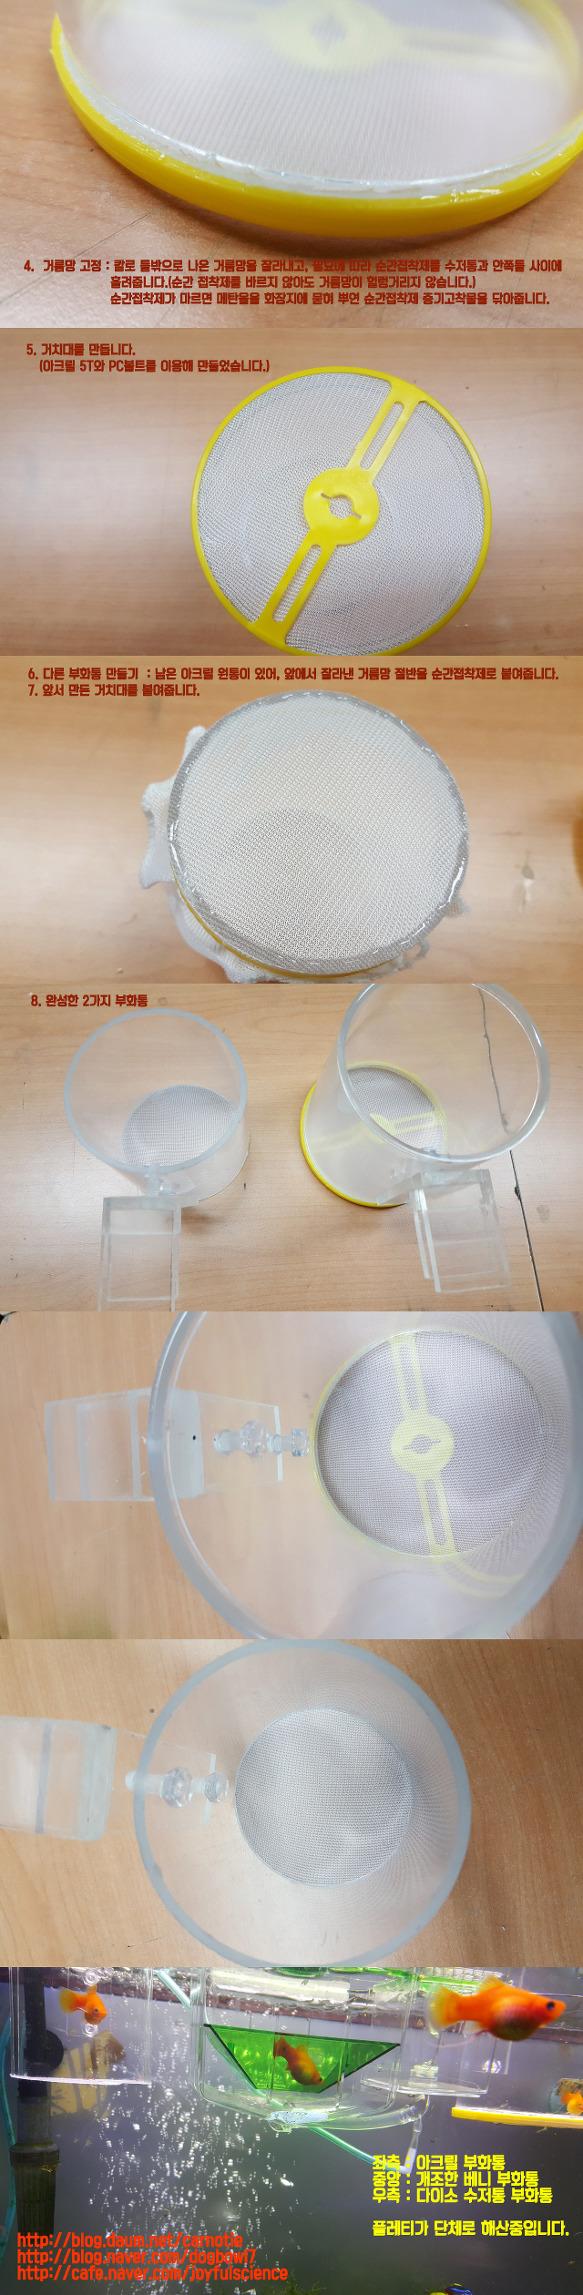 다이소표 수저통+세탁먼지거름망으로 만든 부화통